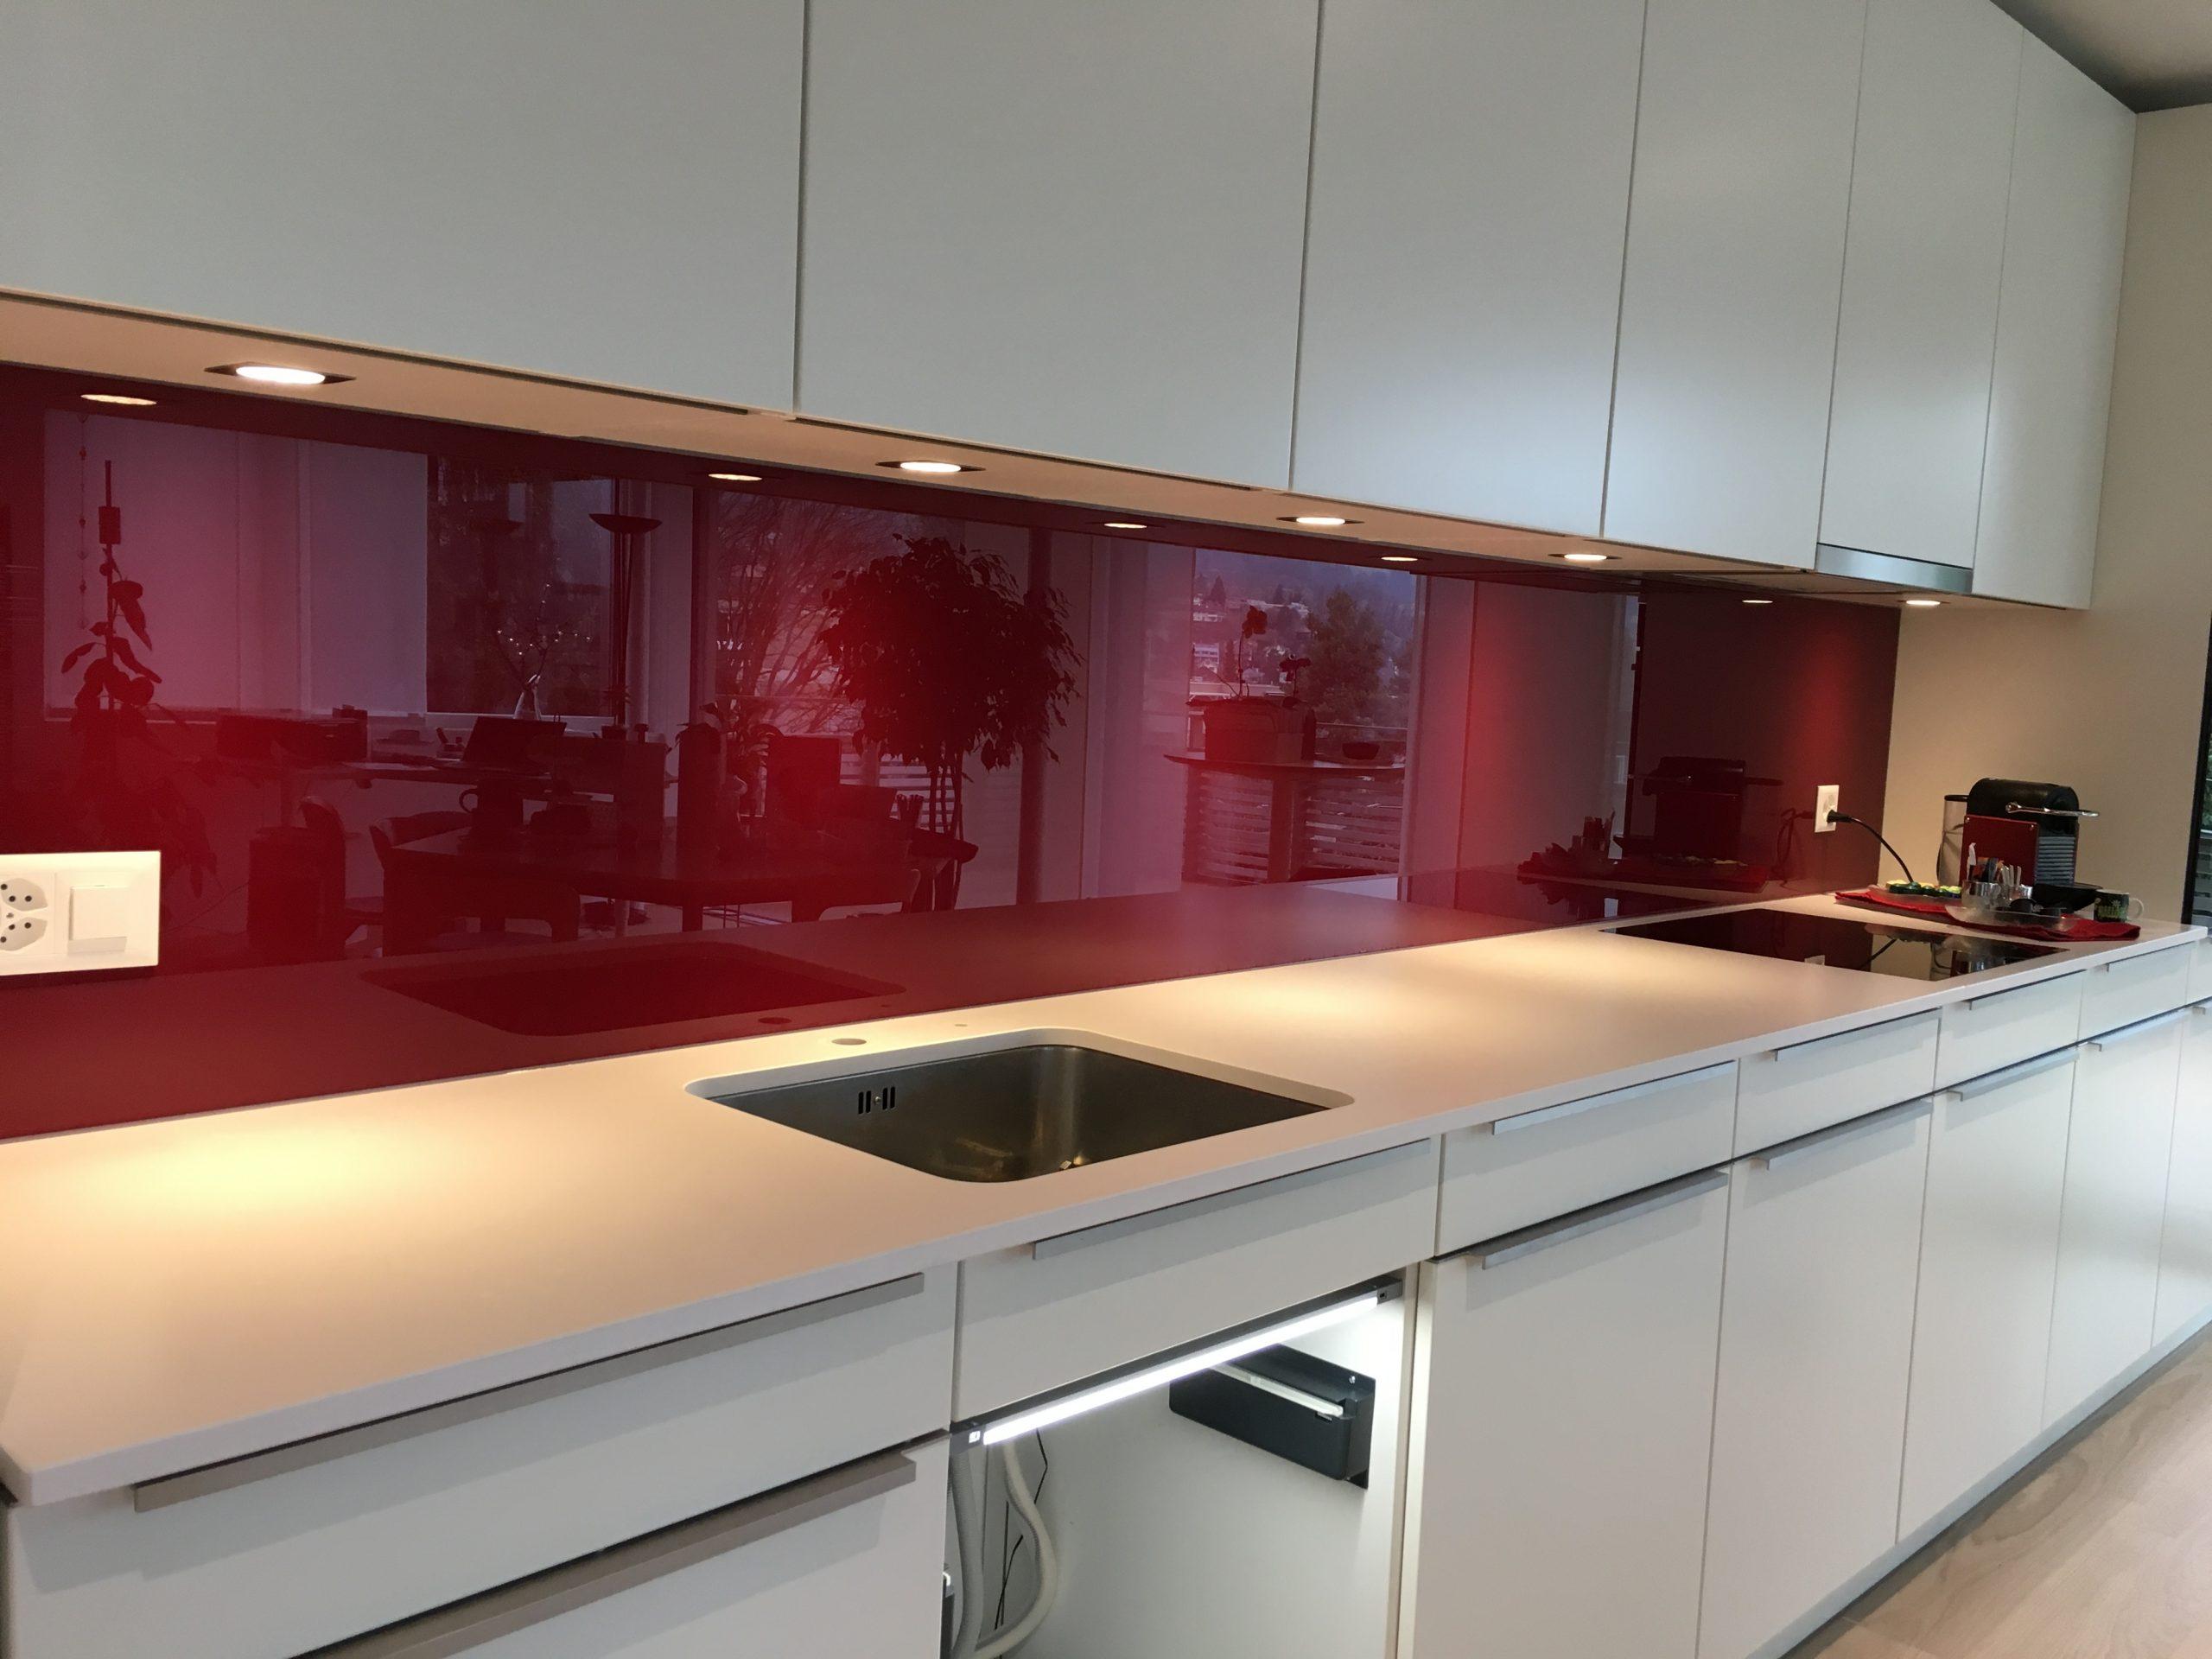 Full Size of Rückwand Küche Glas Strahm Glastech Glasrckwnde Bank Granitplatten Einbauküche Ohne Kühlschrank Grillplatte Bodenbelag Hochschrank Gebrauchte Kaufen Küche Rückwand Küche Glas